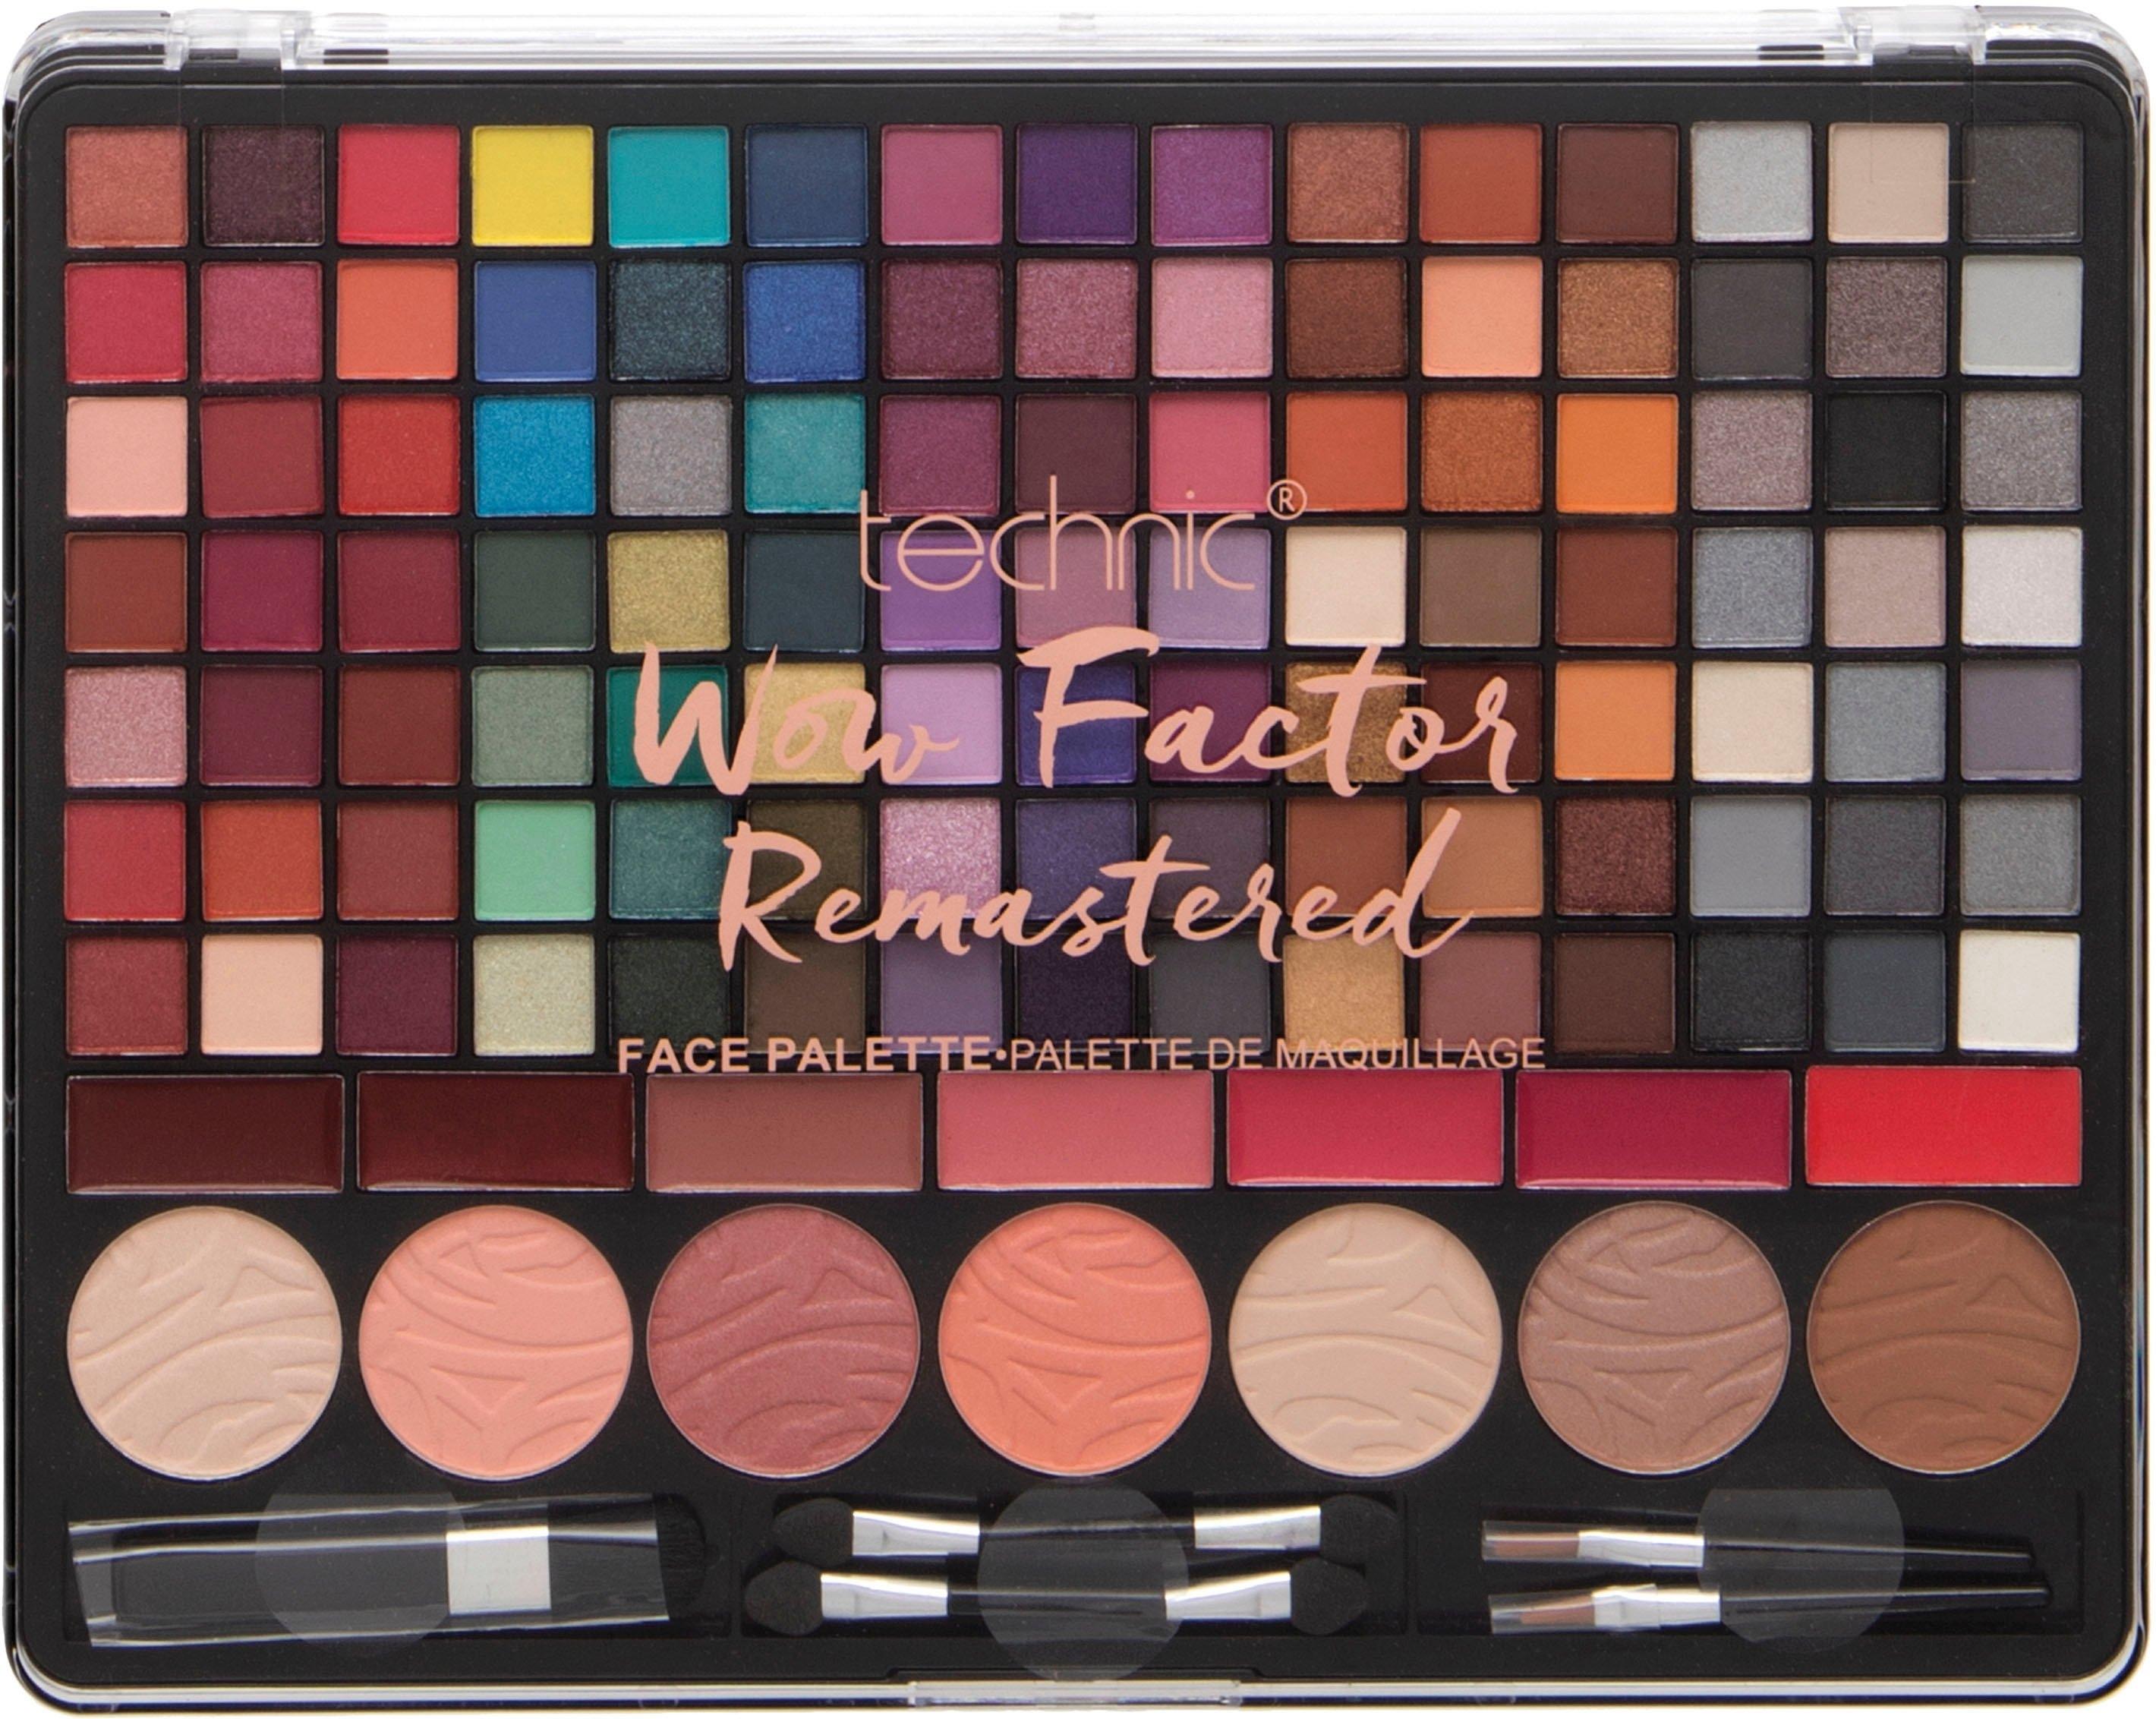 technic make-up set »WOW Factor Remastered« voordelig en veilig online kopen